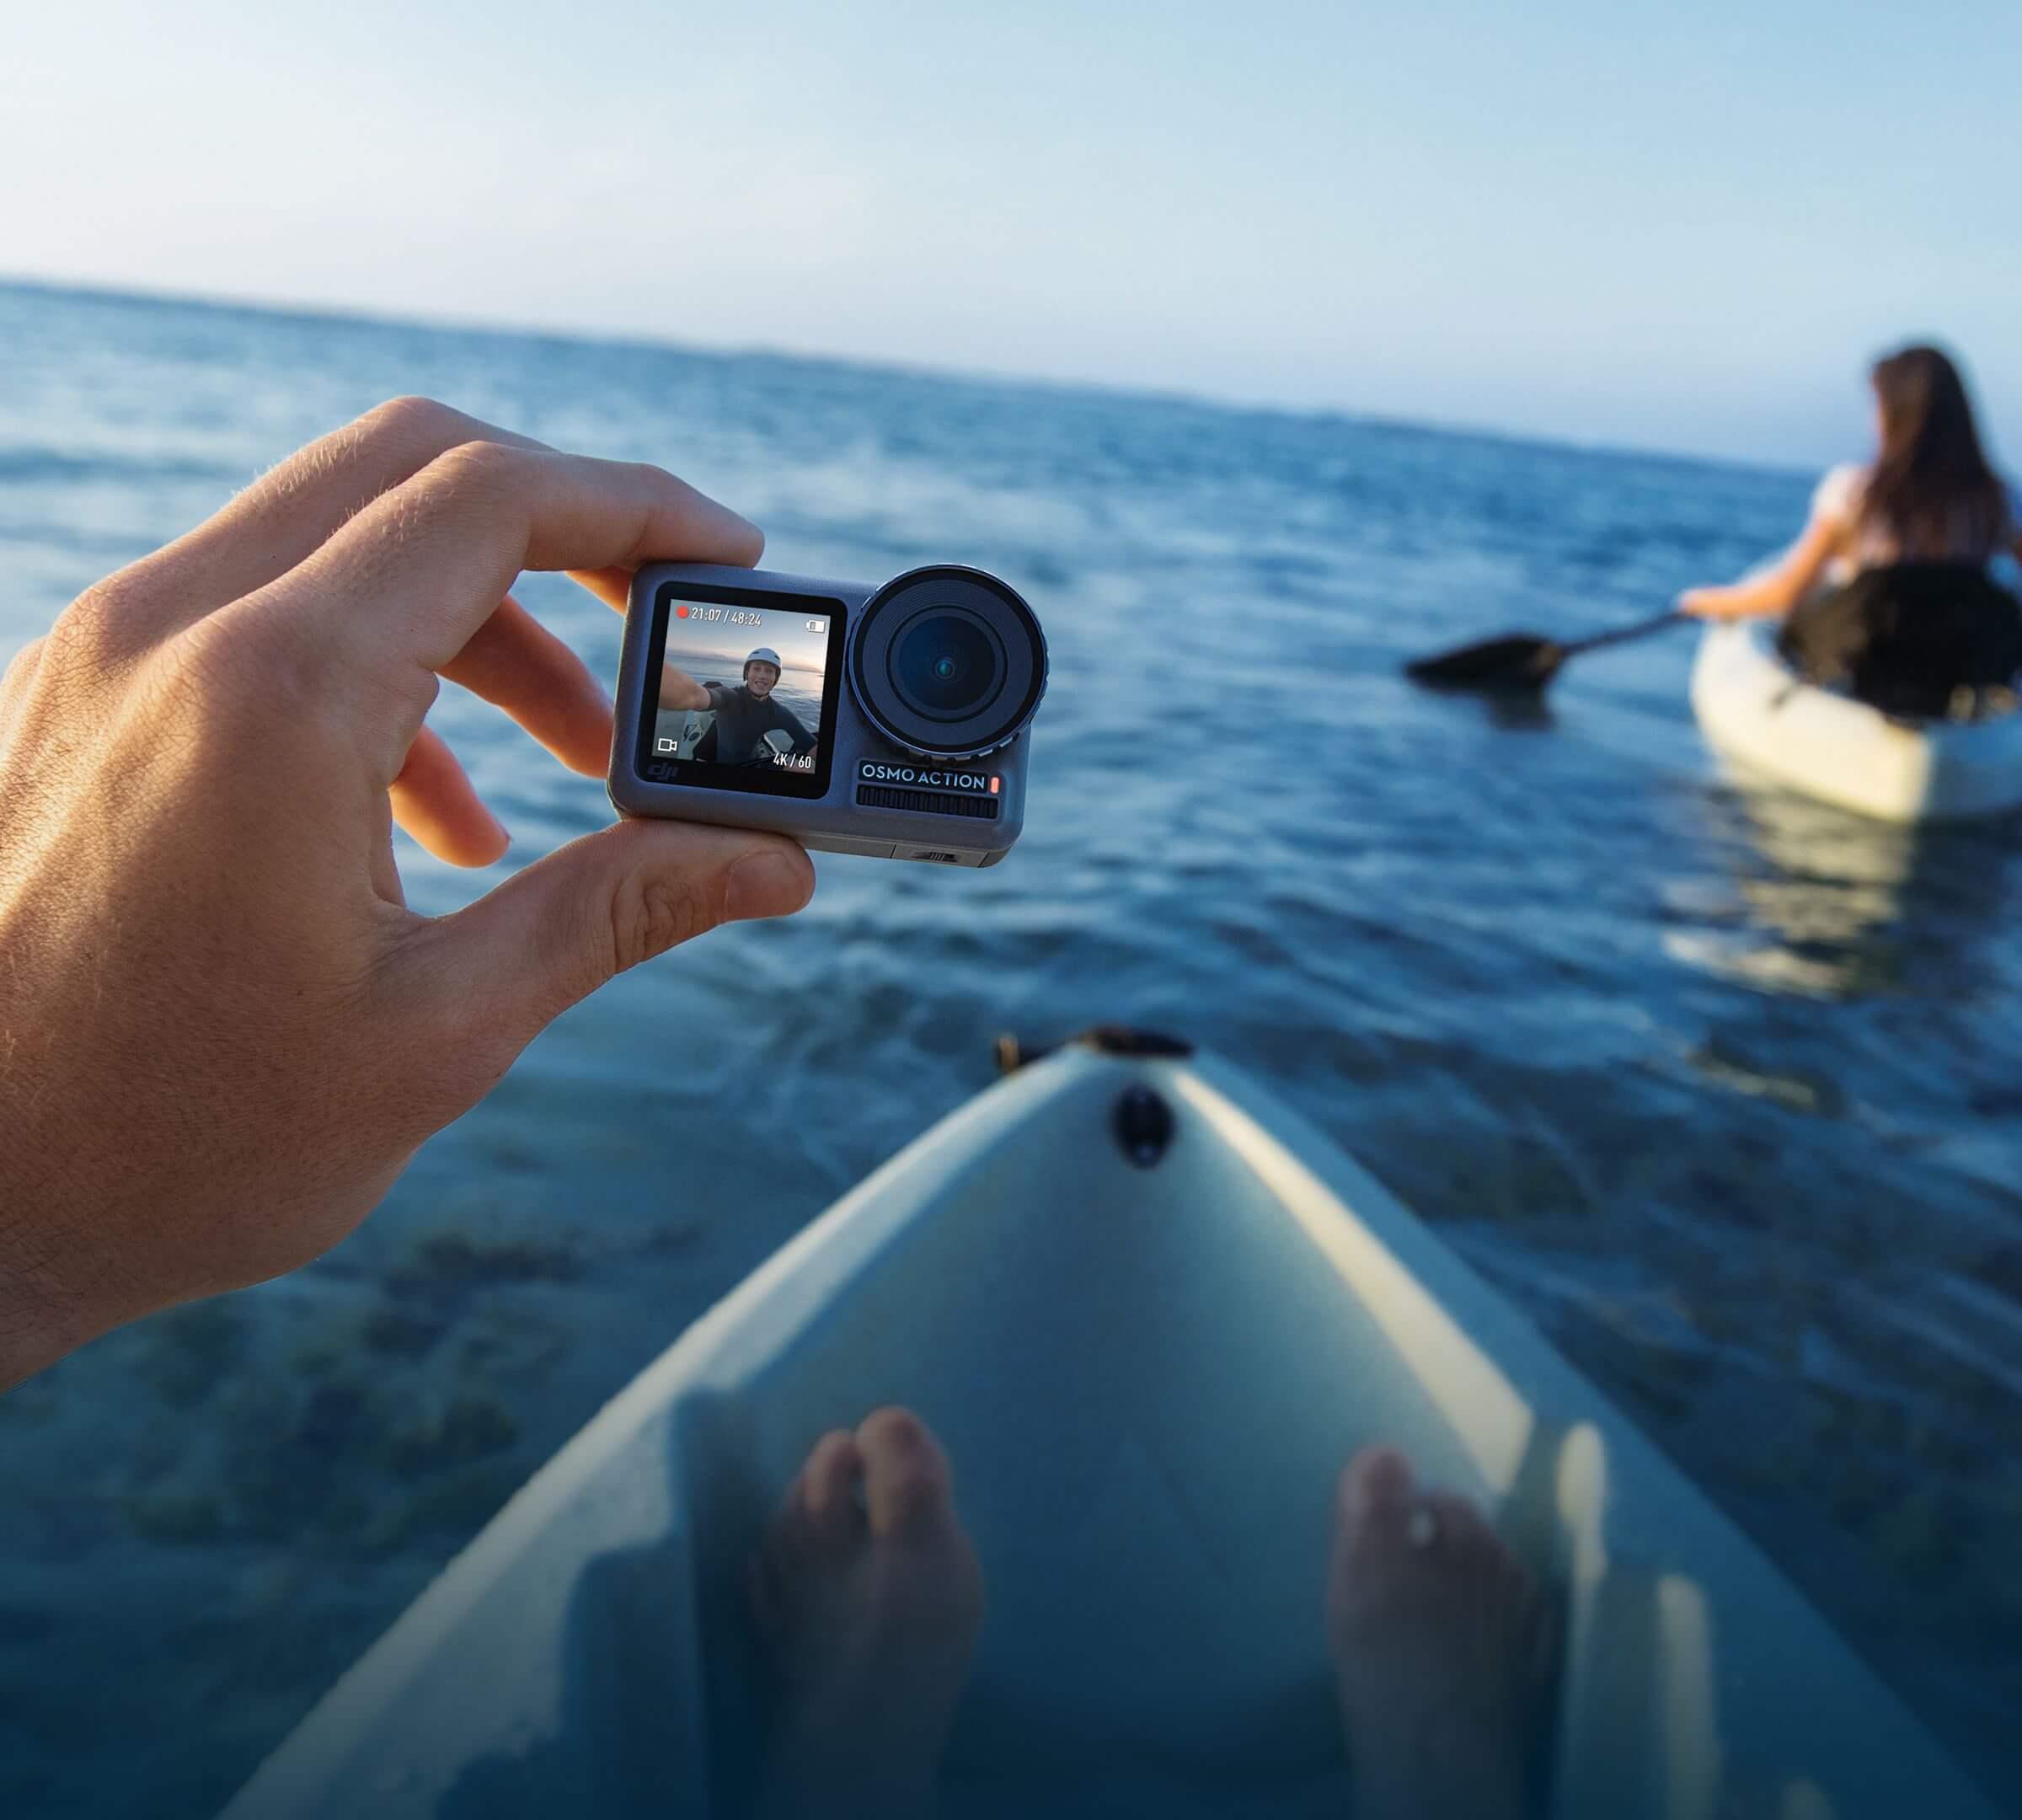 dji-osmo-action-kayak.jpg